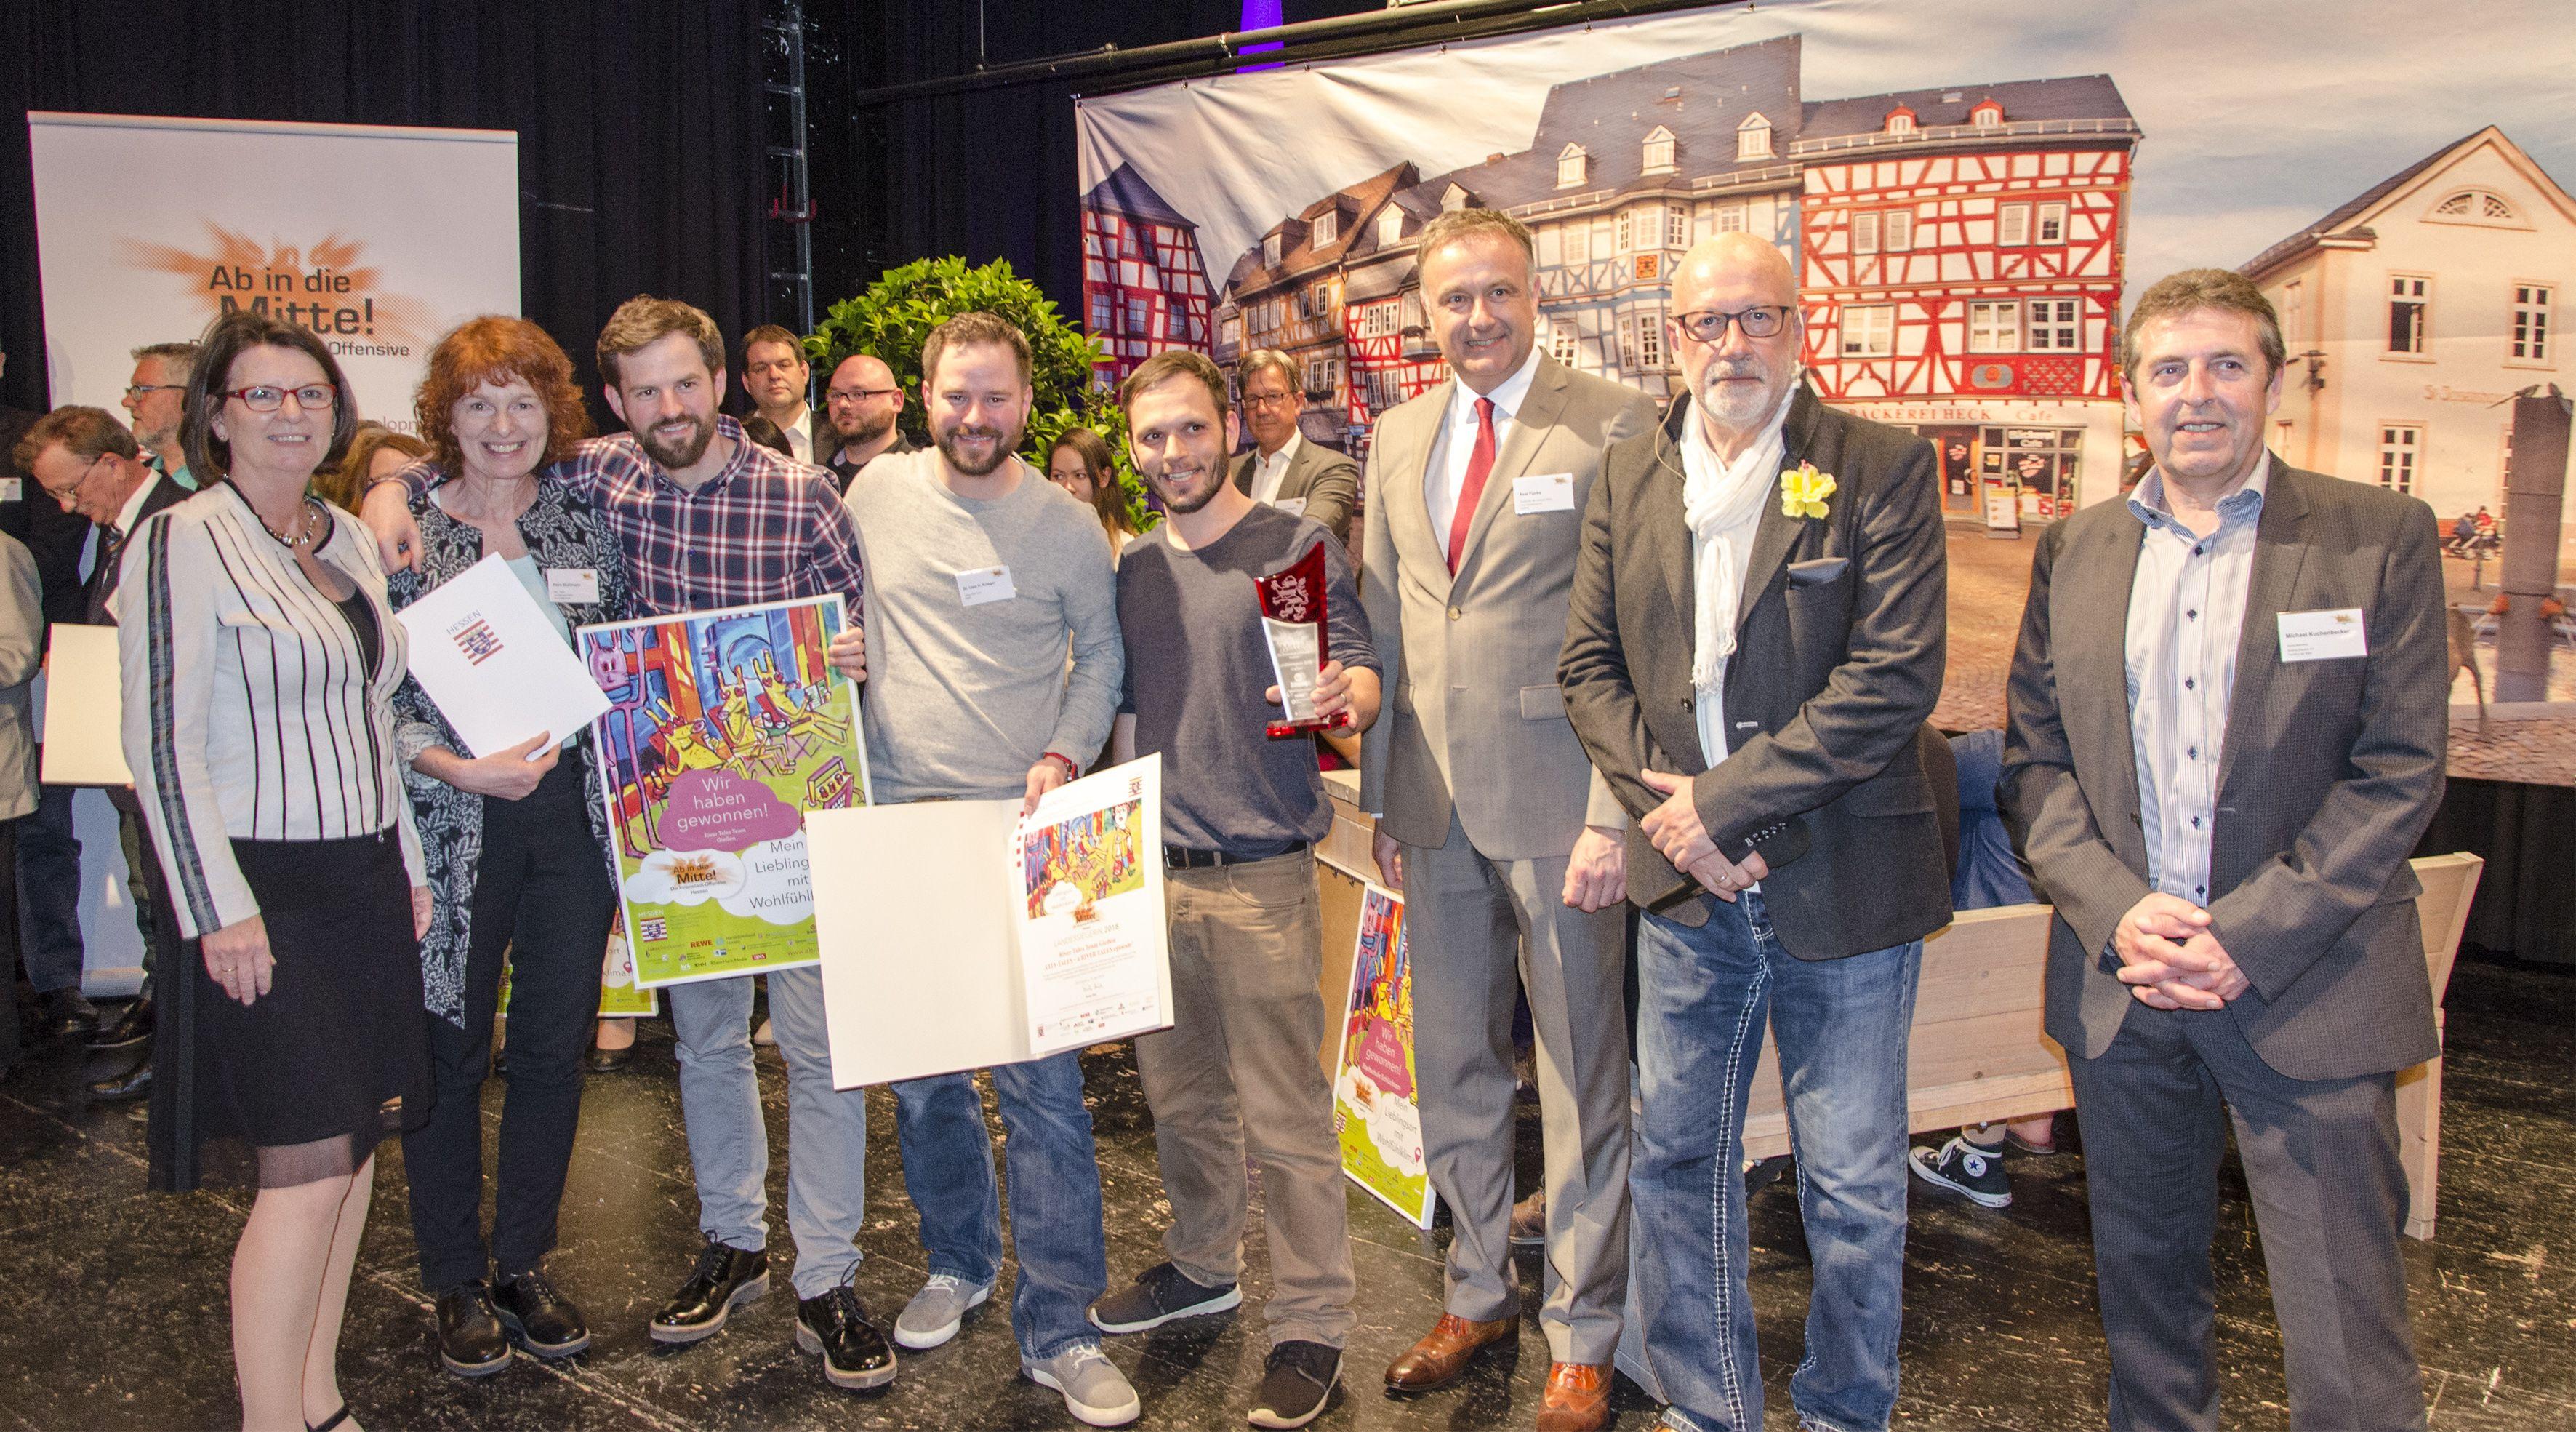 v. links n. rechts: Ministerin Priska Hinz; Petra Stuhlmann, Wirtschaftsförderung Gießen; Kai Krieger, 3Steps; Uwe Krieger, 3Steps; Joachim Pitt, 3Steps; Jury-Mitglieder »Ab in die Mitte«